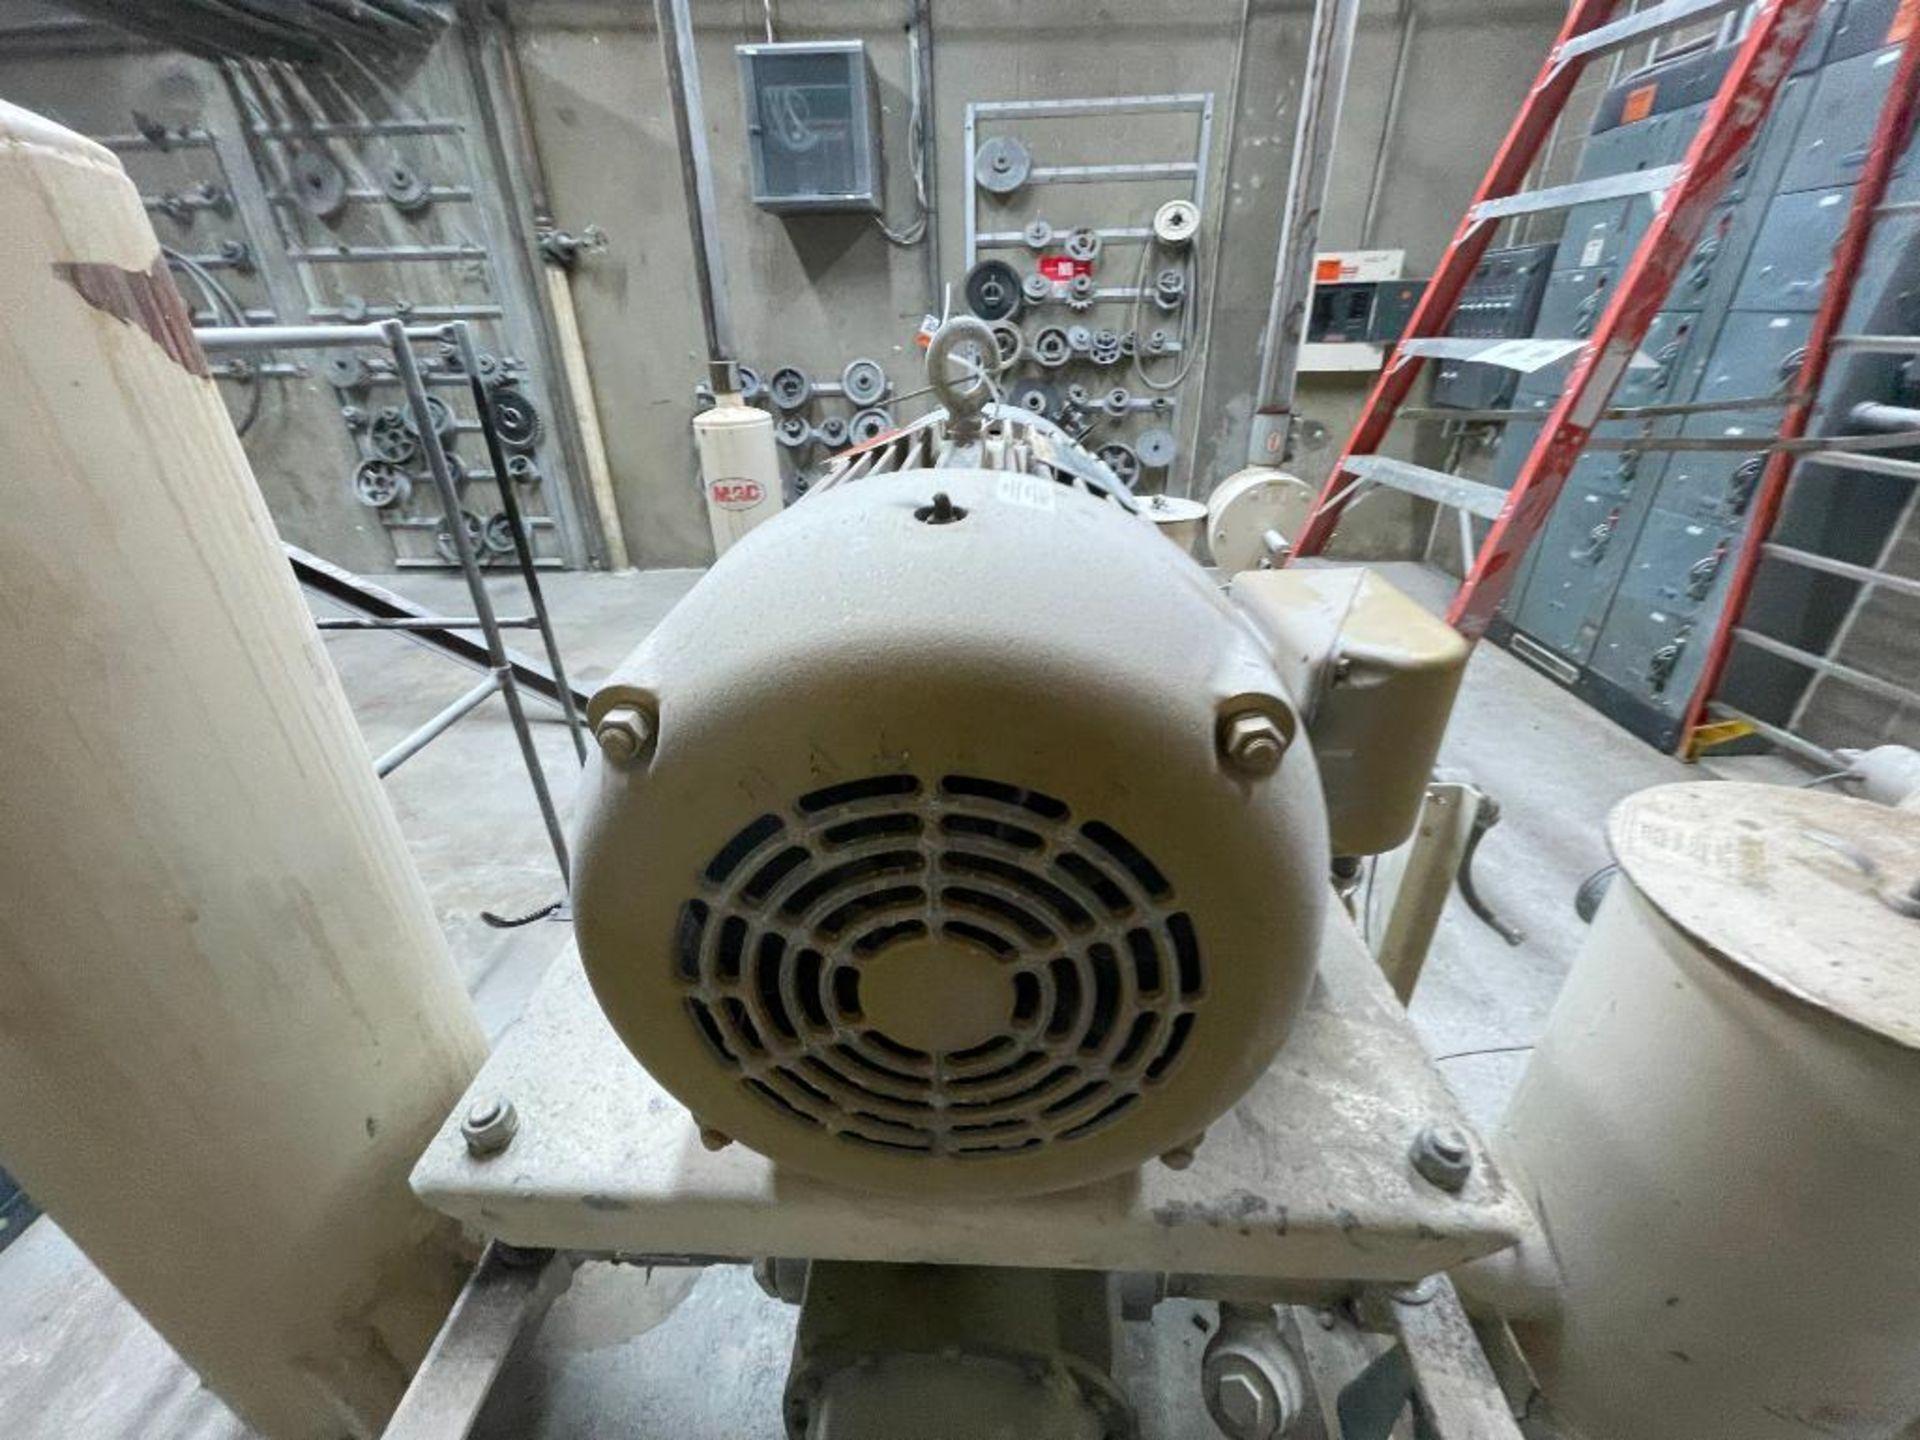 Gardner Denver rotary positive blower - Image 7 of 33